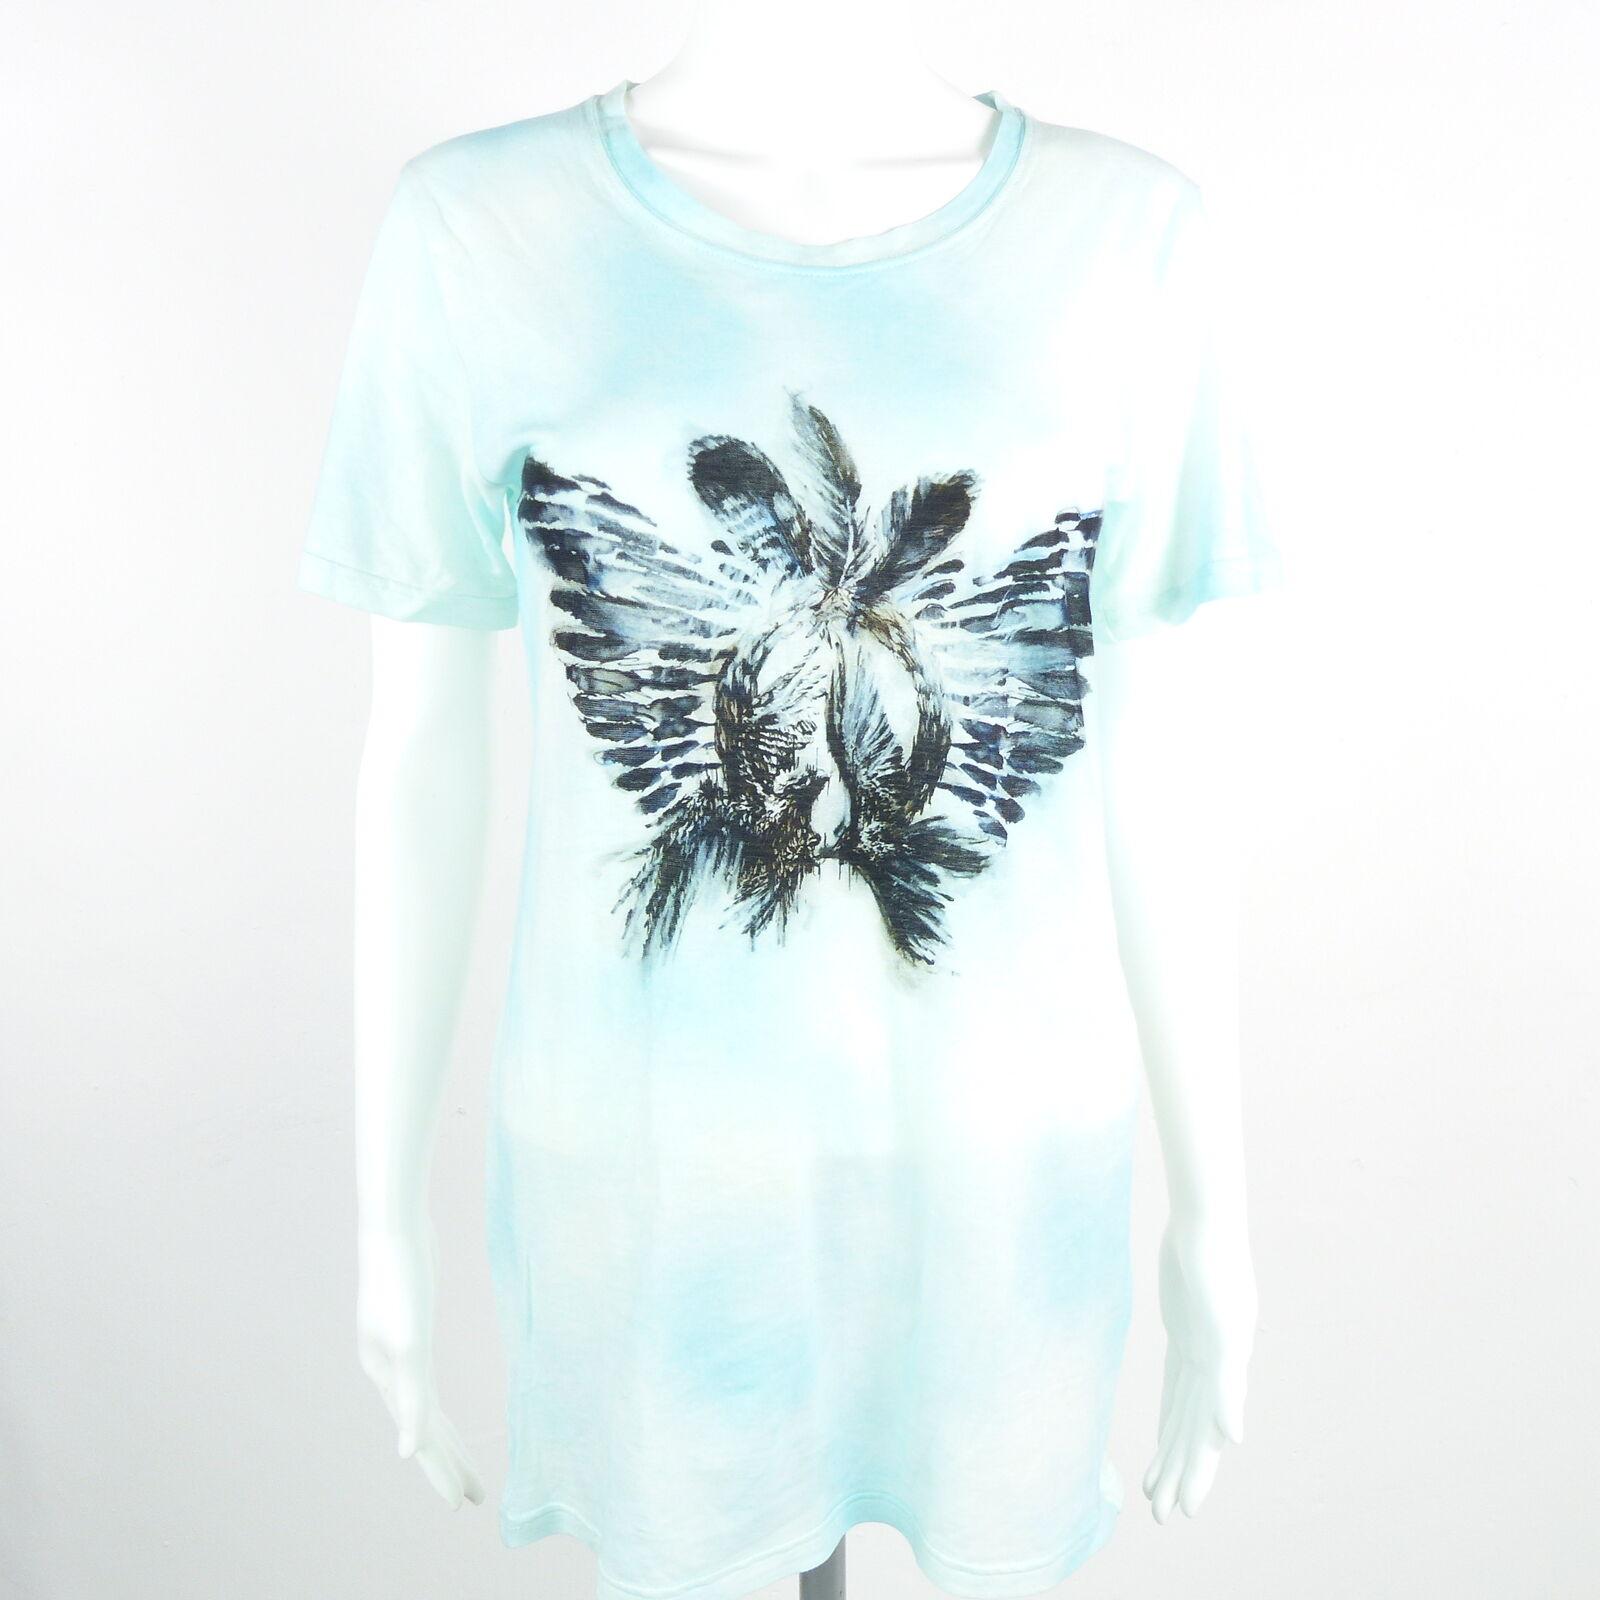 BALMAIN Shirt Gr. DE34 blau Damen Transparent T-Shirt Oberteil Tee Top Neuwertig